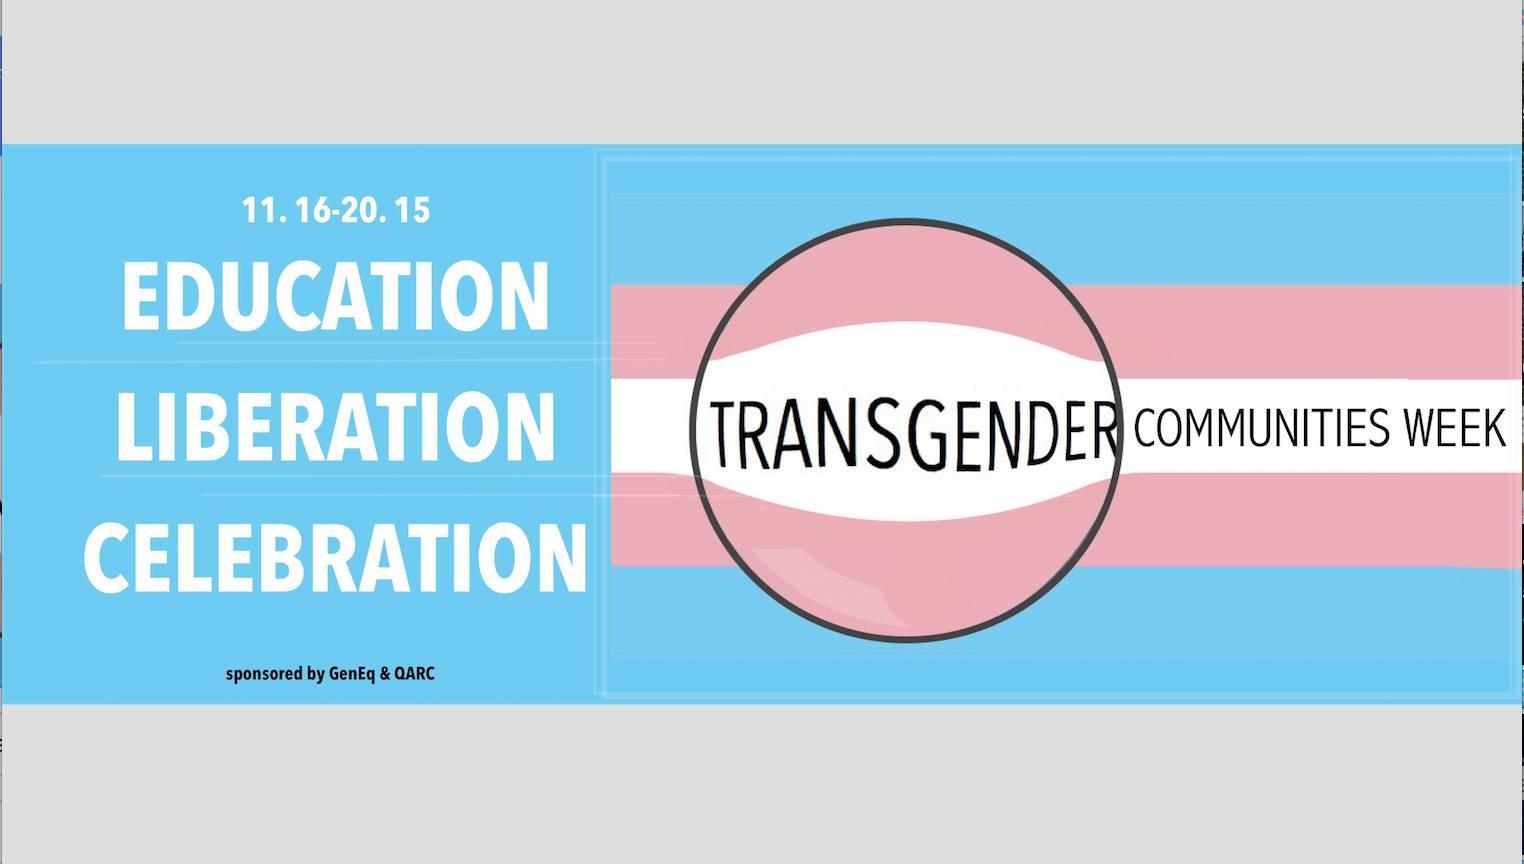 Transgender Communities Week